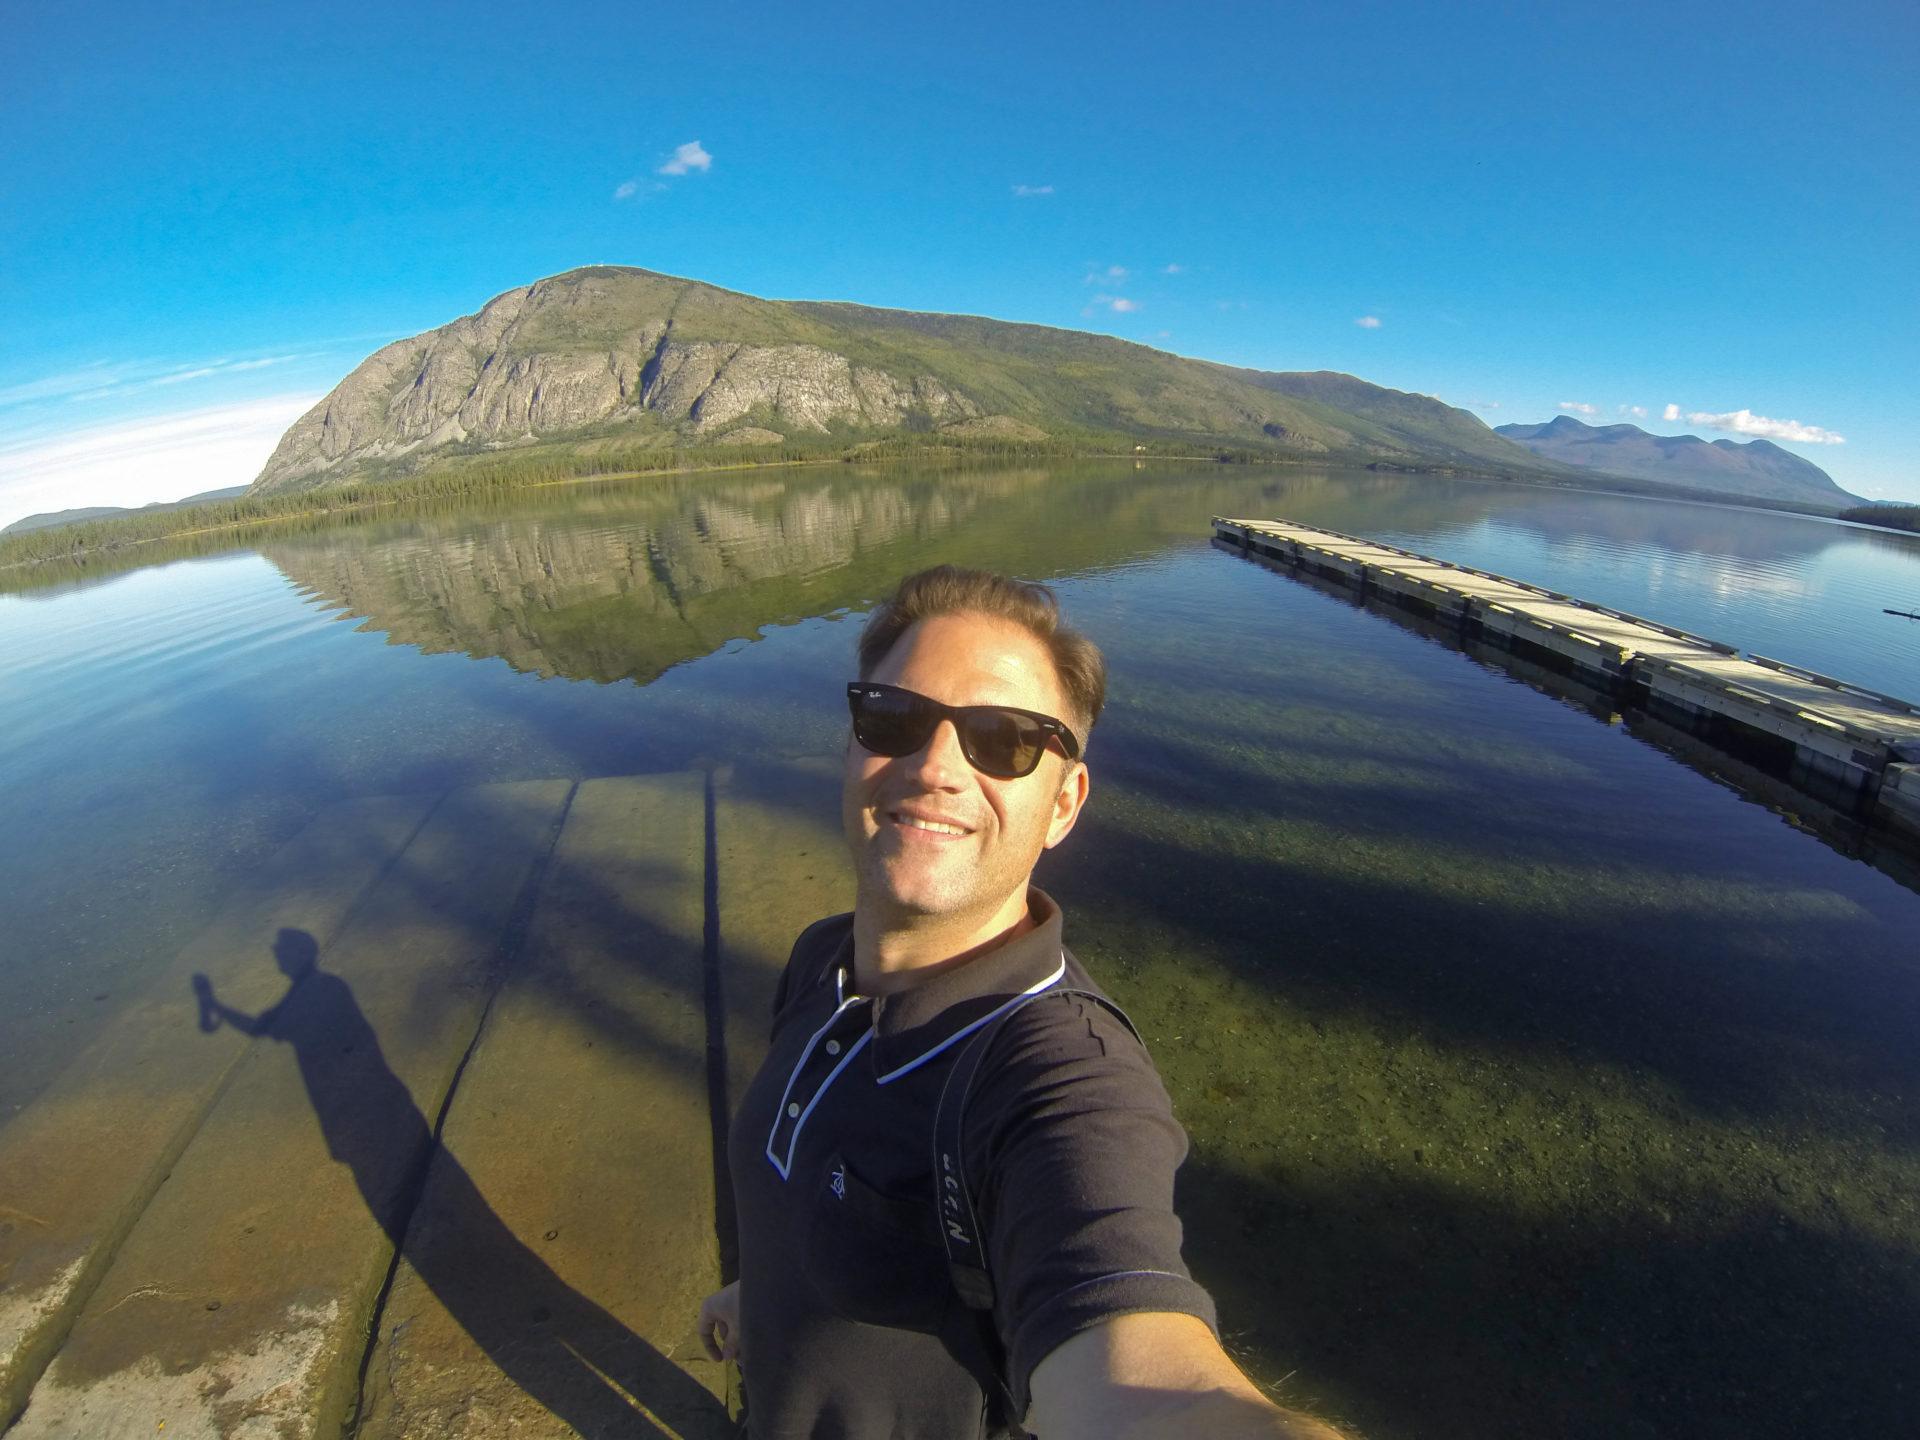 Autor Ralf Johnen an einem Bergsee im kanadischen Yukon